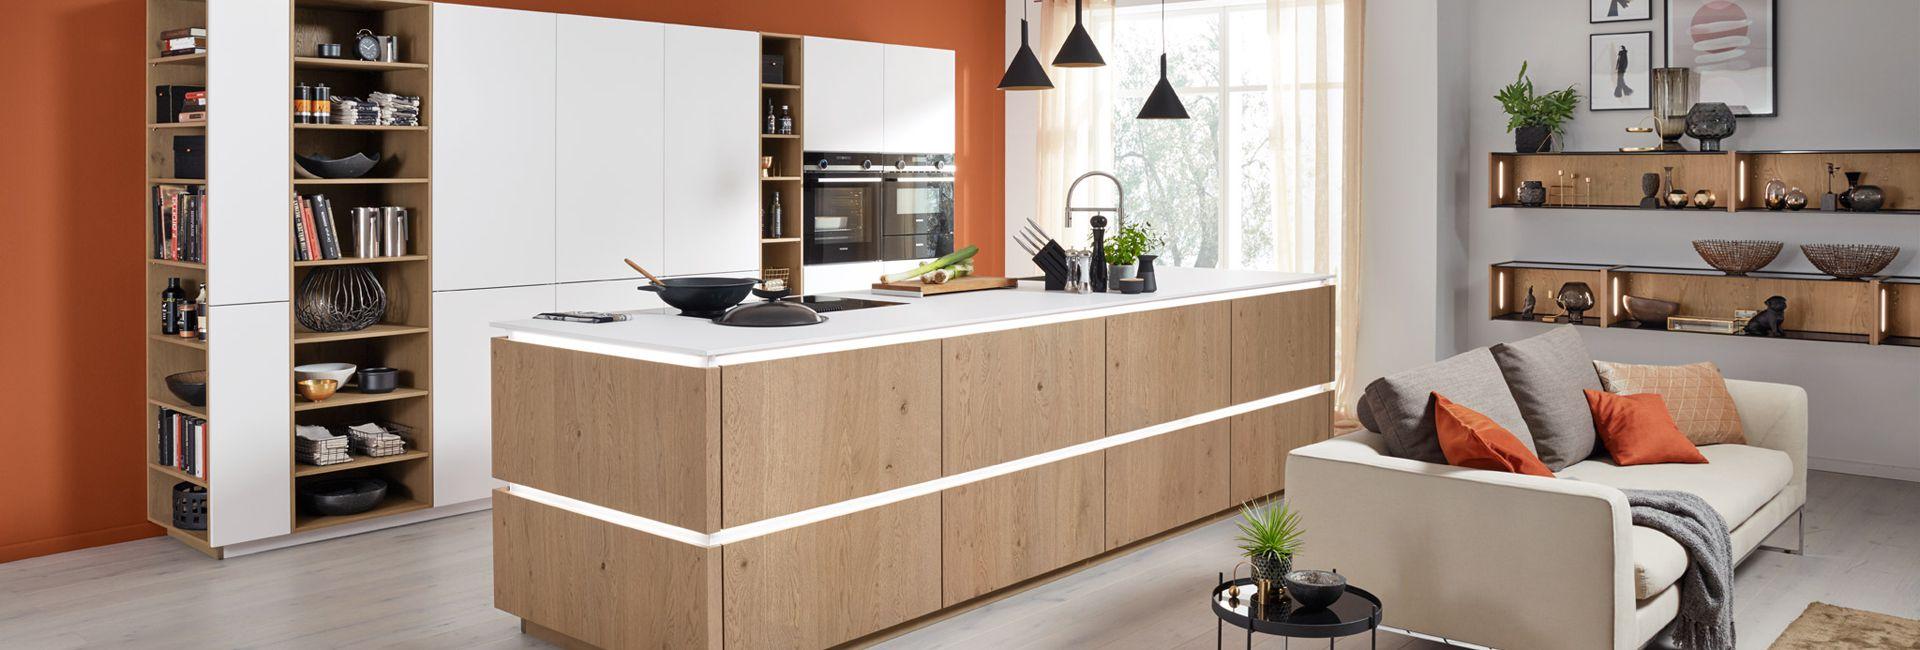 Full Size of Nolte Küchen Ersatzteile Küche Betten Velux Fenster Schlafzimmer Regal Wohnzimmer Nolte Küchen Ersatzteile